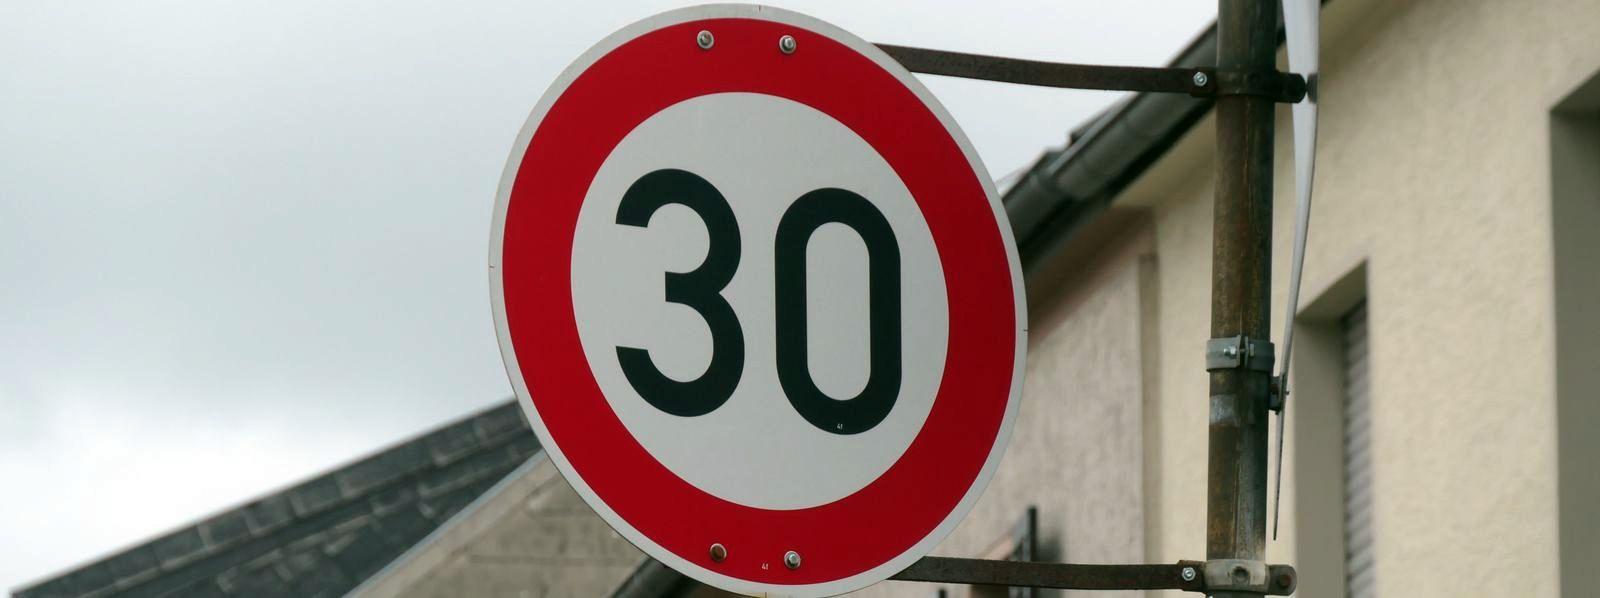 Montag bis Freitag 30 km/h an der Schule: Kein Punkt, wenn am Feiertag zu schnell